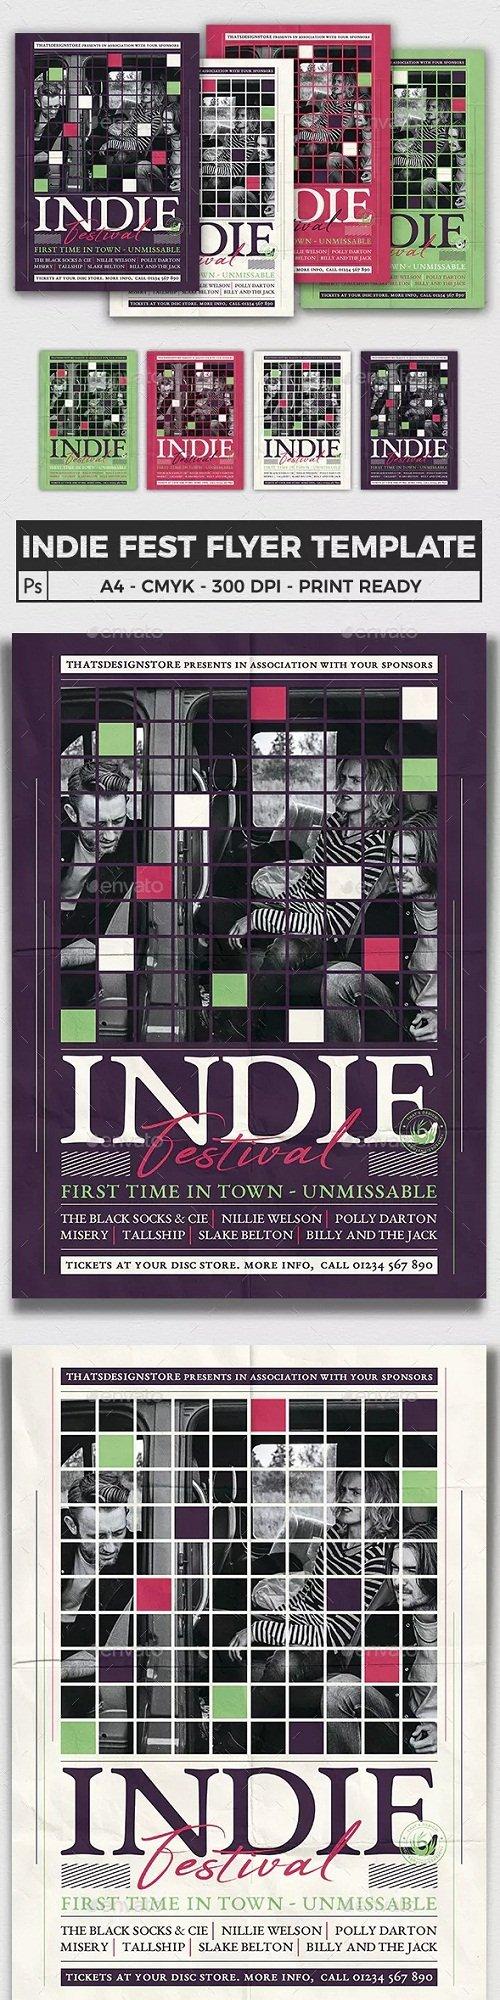 Indie Fest Flyer Template V5 - 23180878